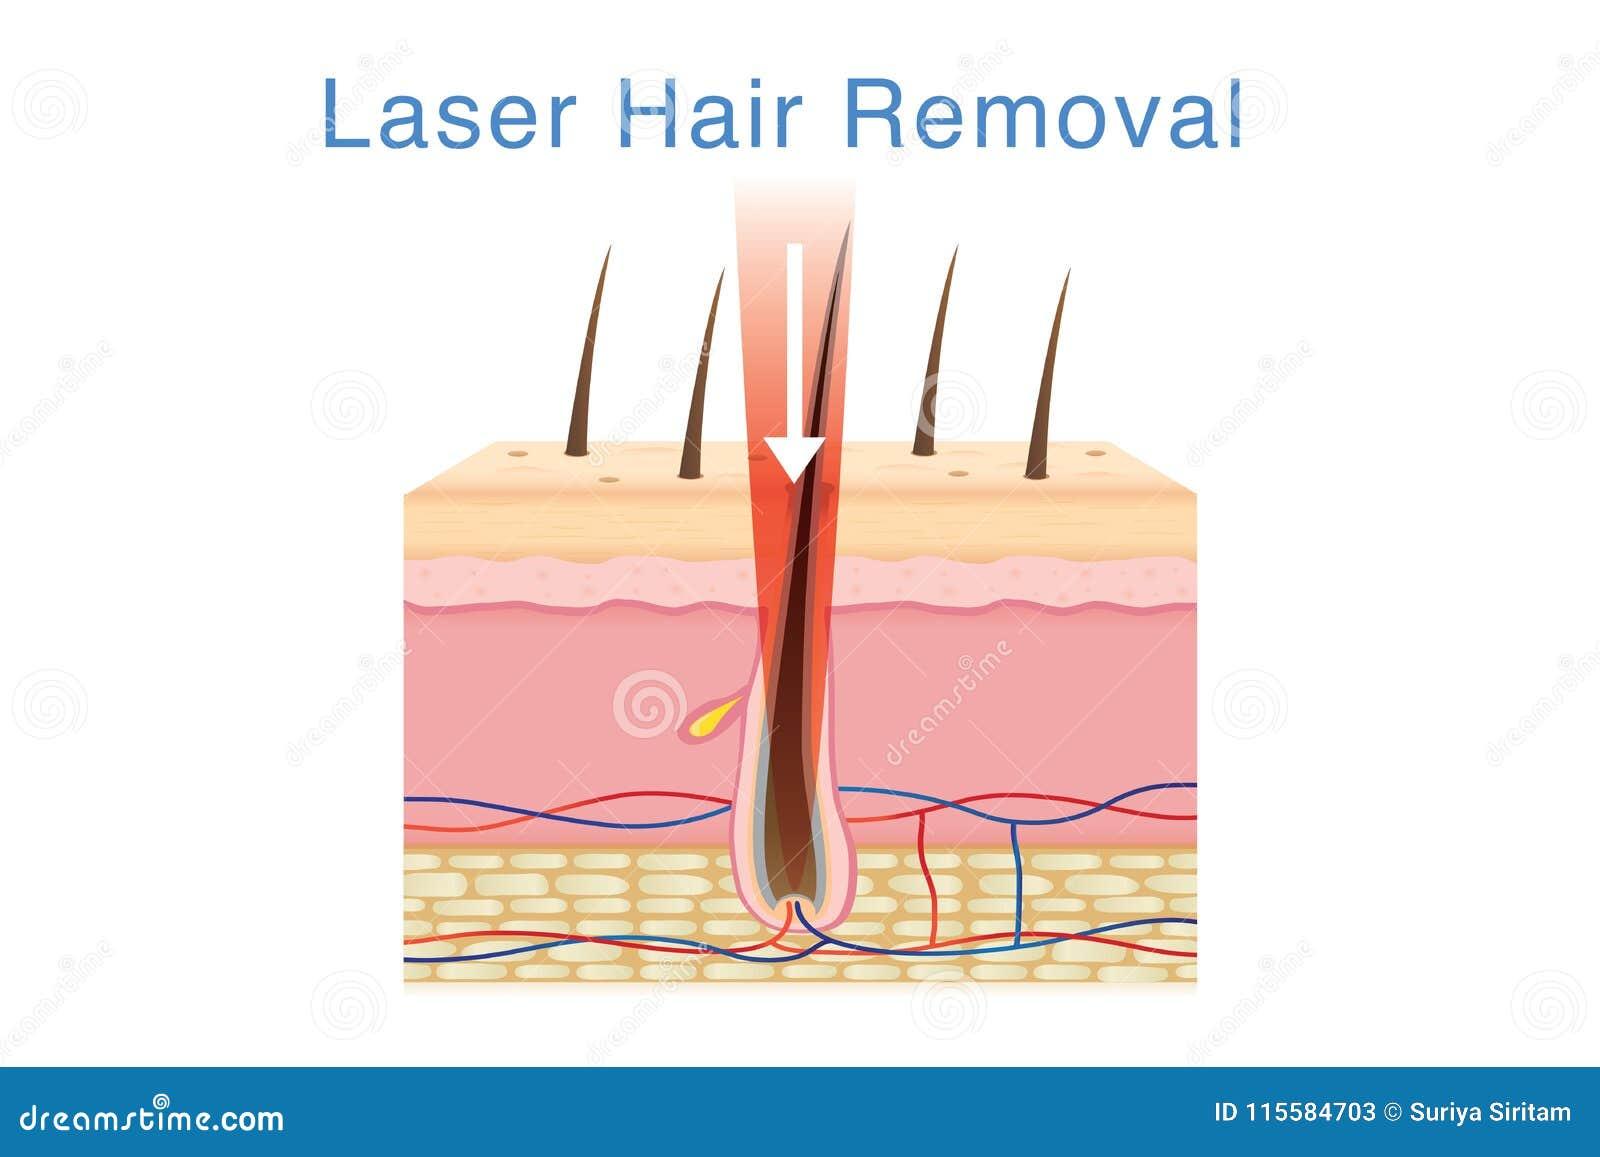 Laserlicht Für Haarabbau Auf Hautschicht Vektor Abbildung ...